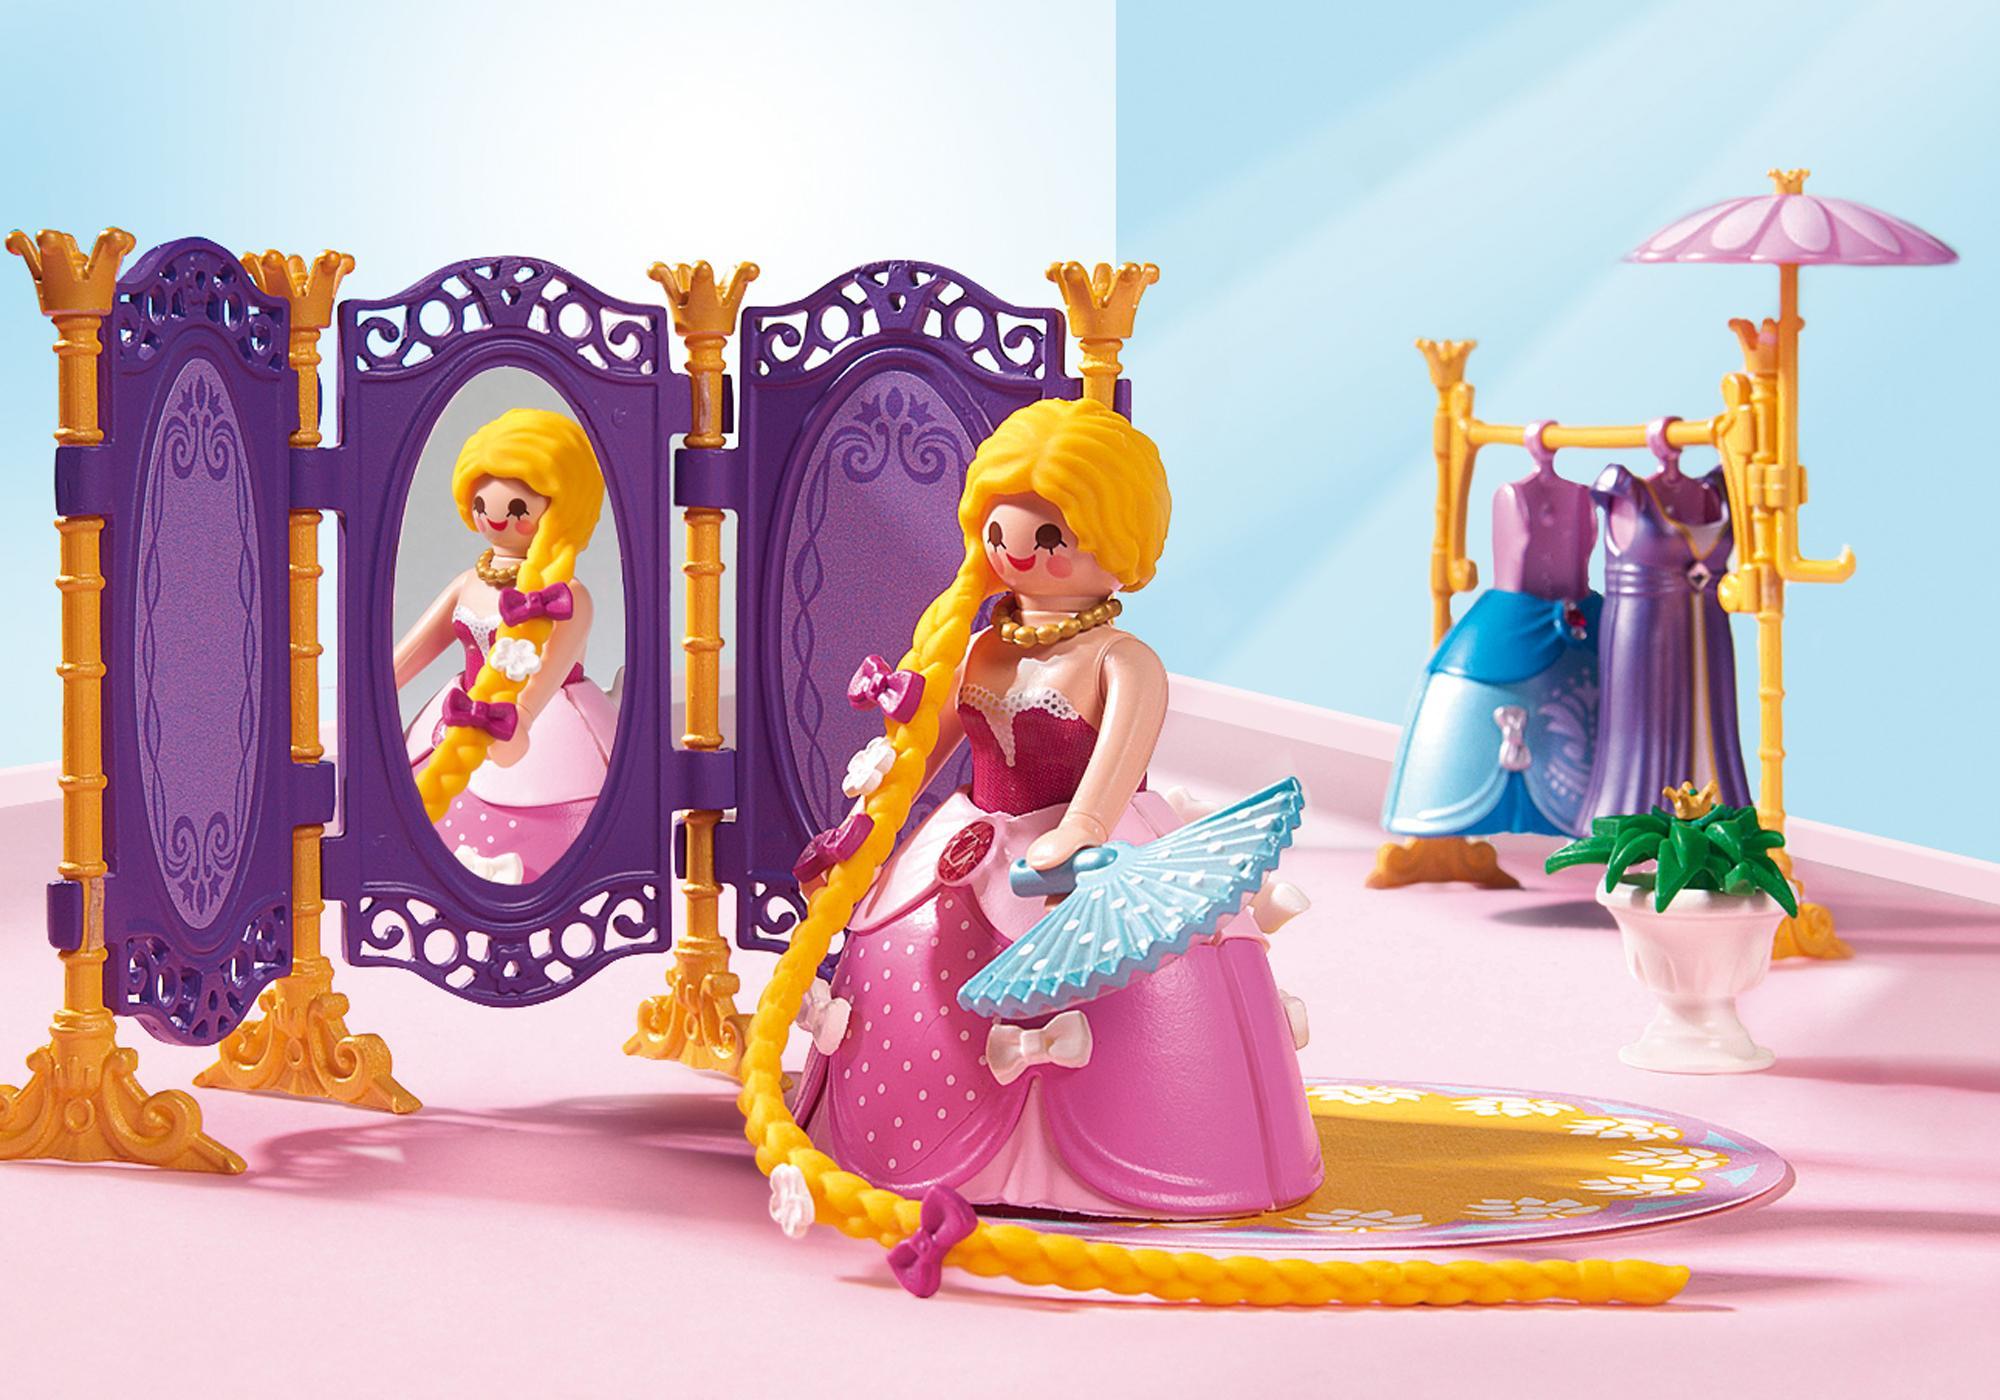 http://media.playmobil.com/i/playmobil/6850_product_extra1/Salon de beauté avec princesses